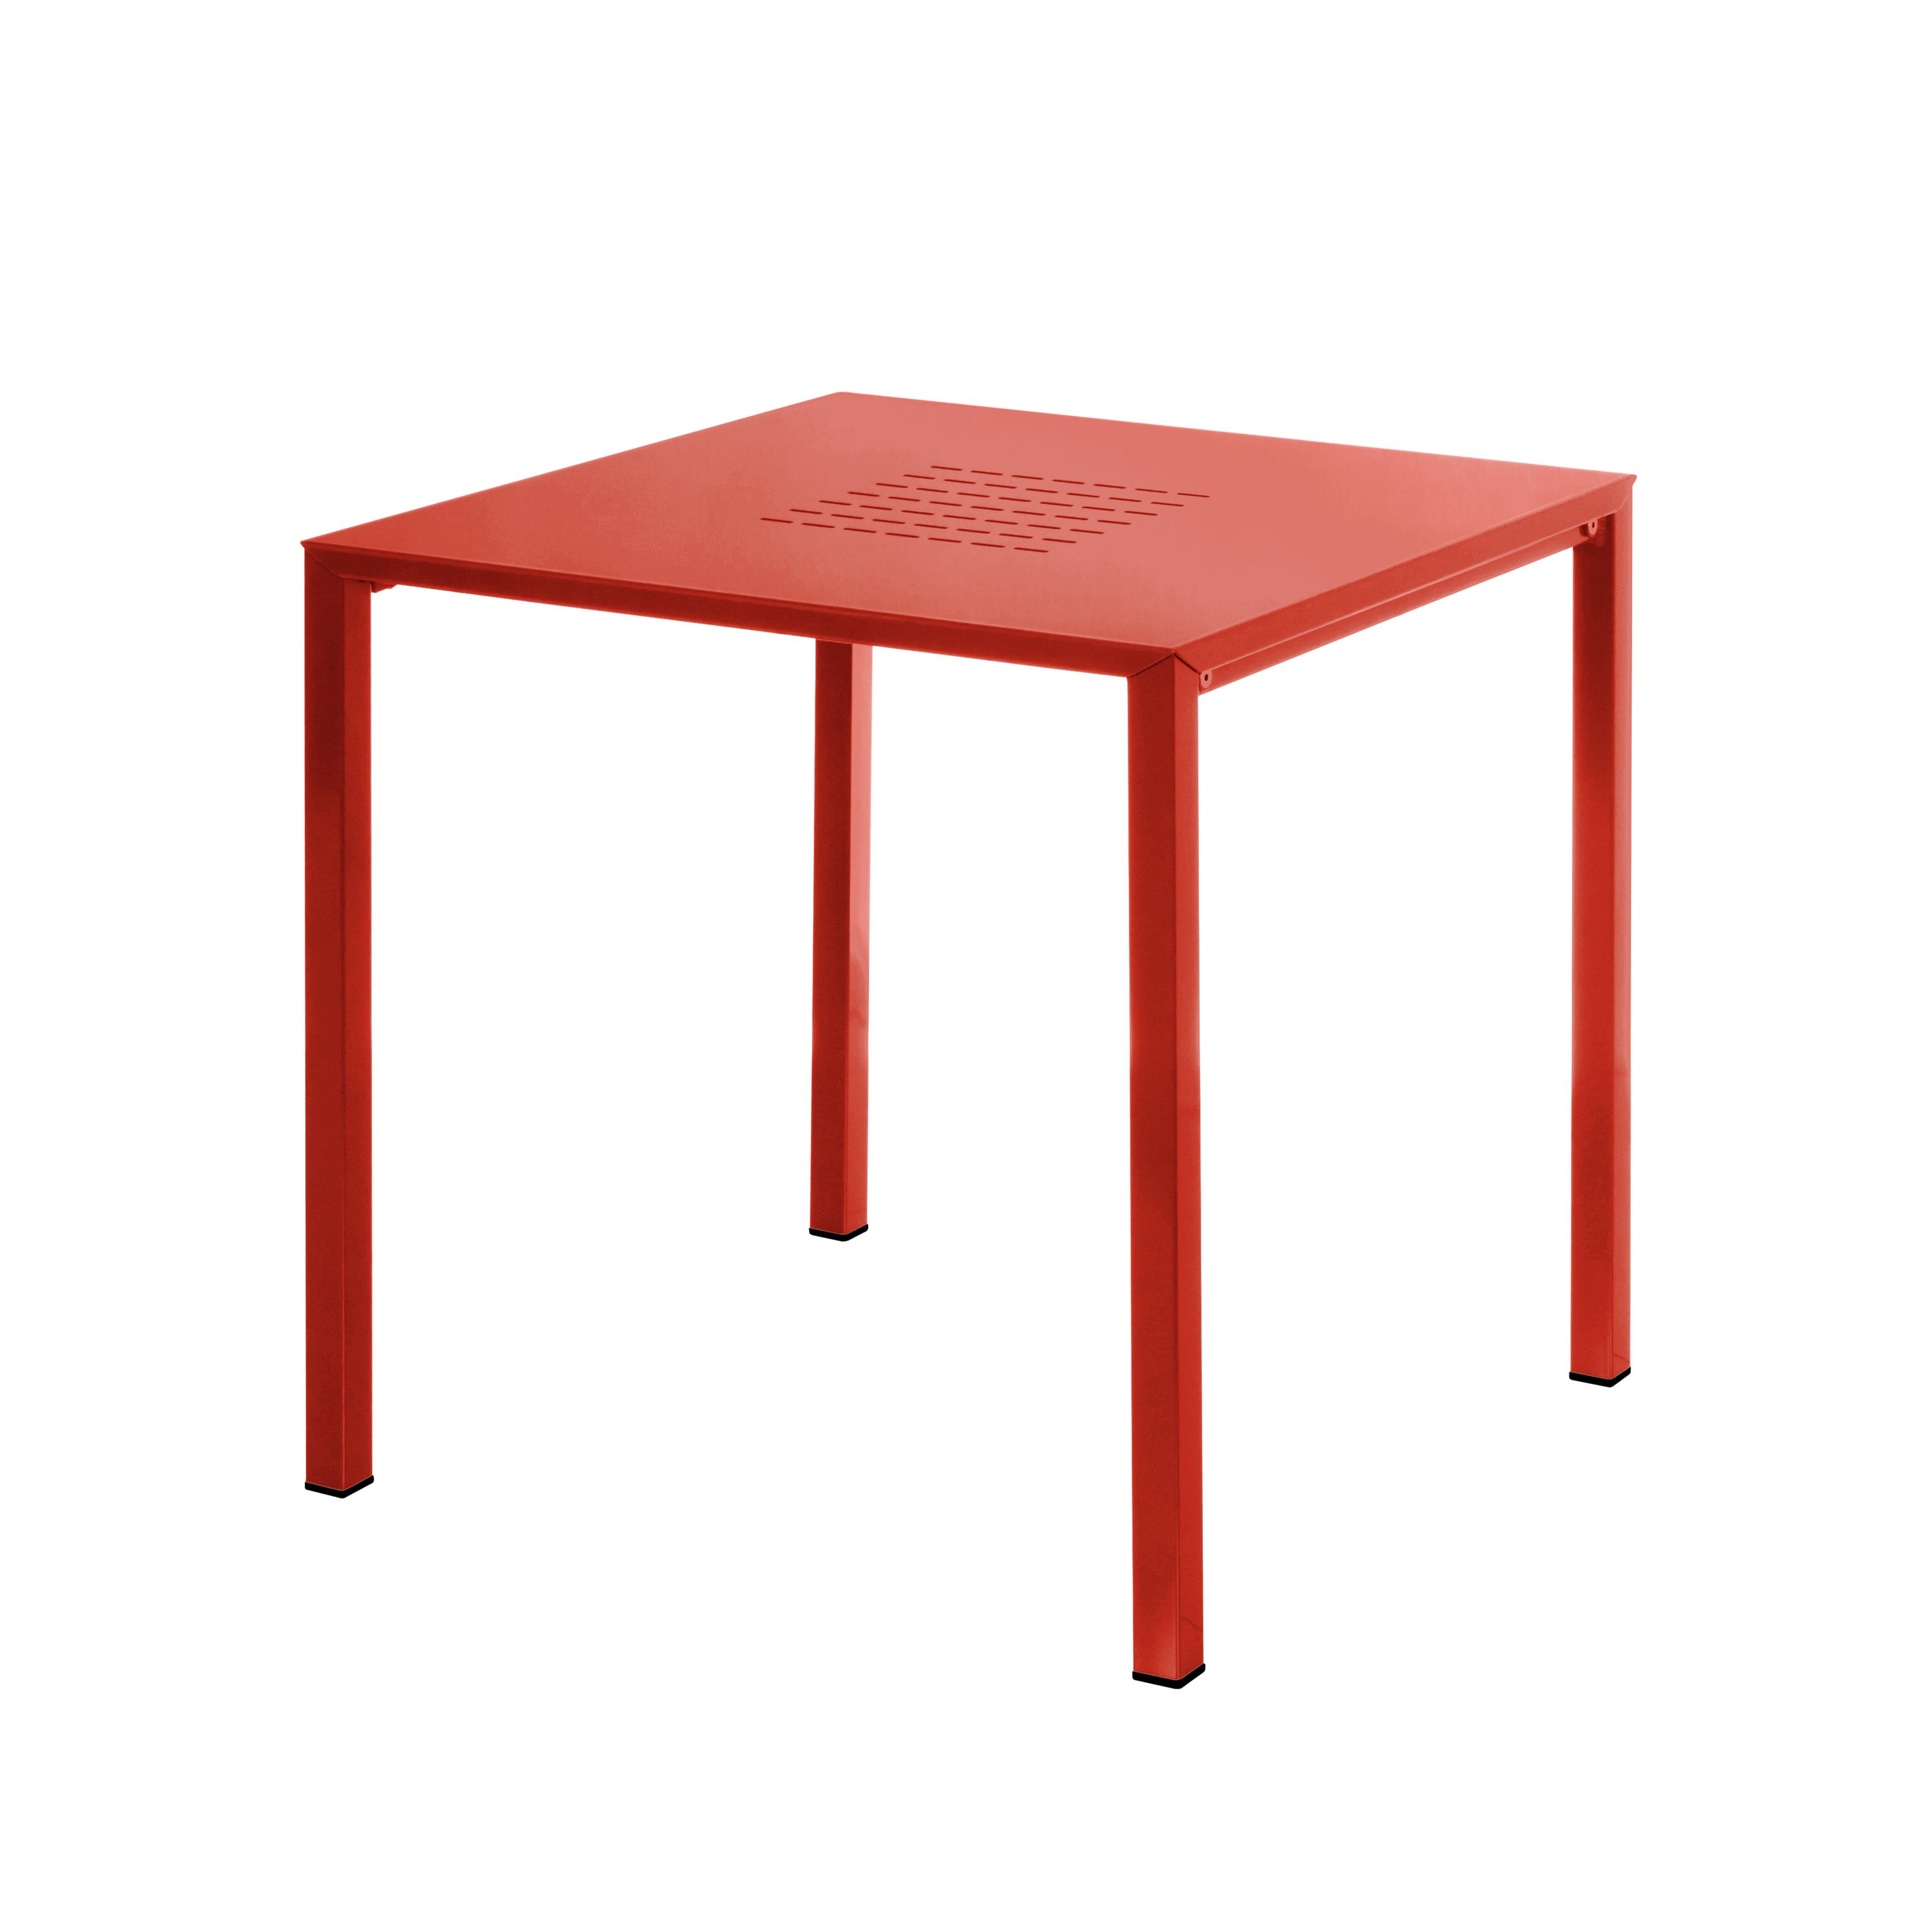 Table exterieur voltex arc en ciel table basse emu for Table exterieur design